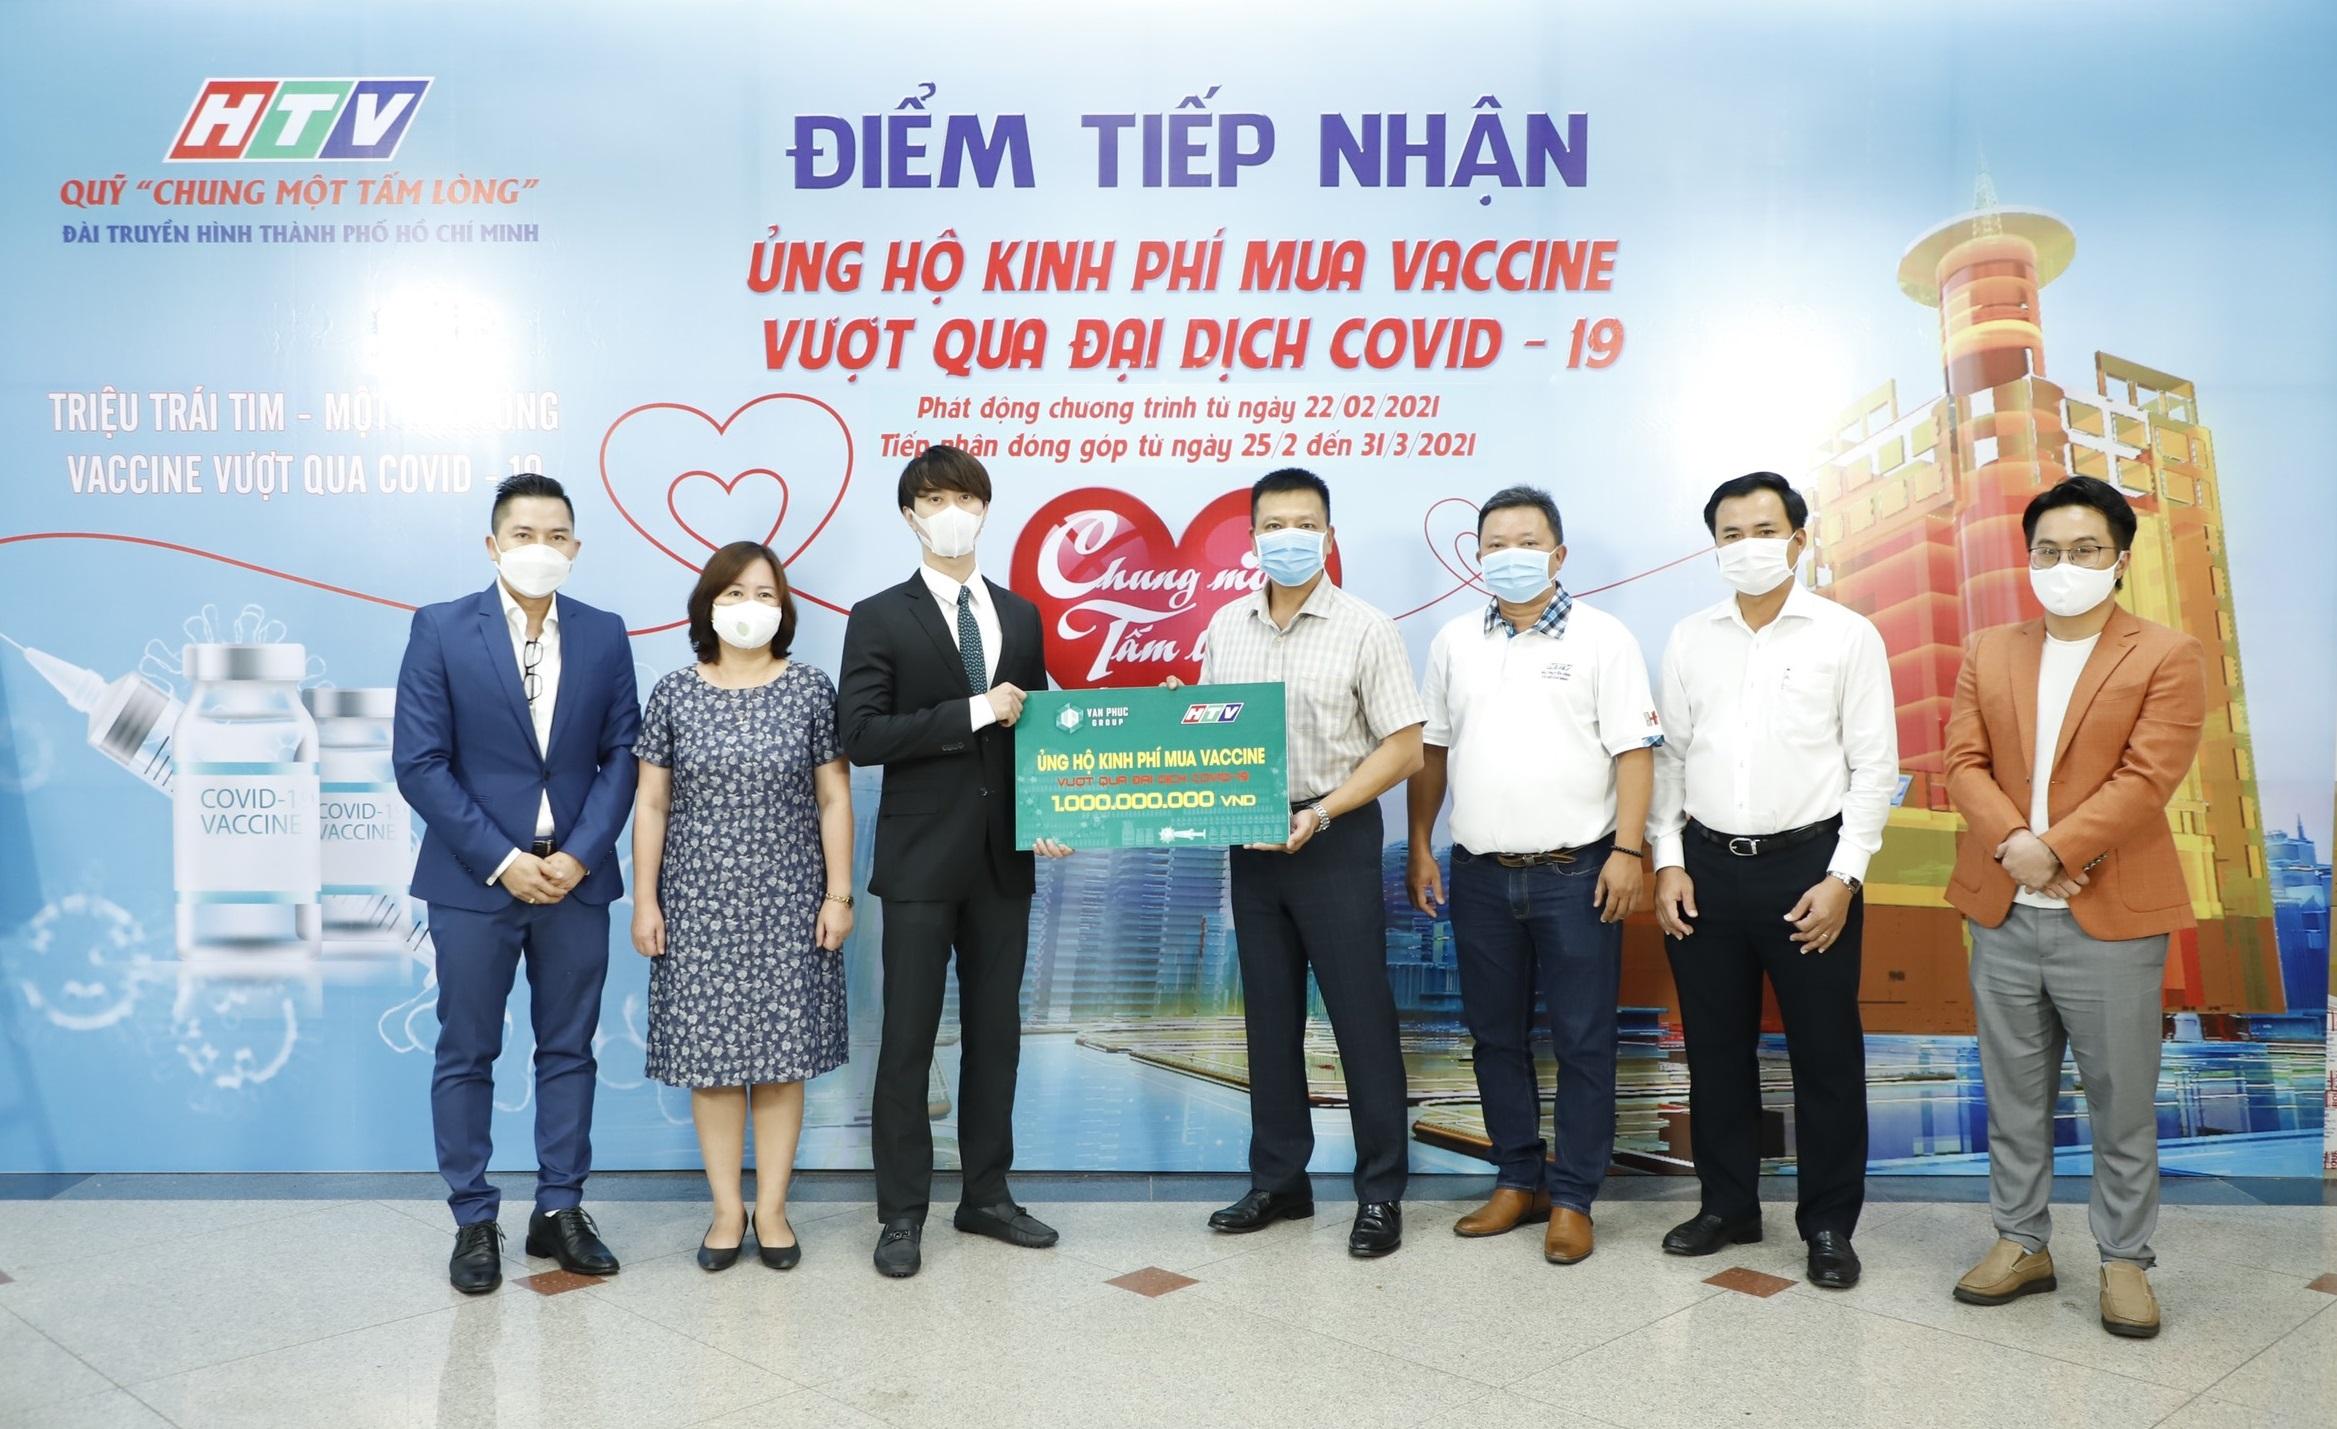 Van Phuc Group góp 100 tấn gạo, 2.000 quần áo bảo hộ cùng tuyến đầu chống dịch Covid-19 8